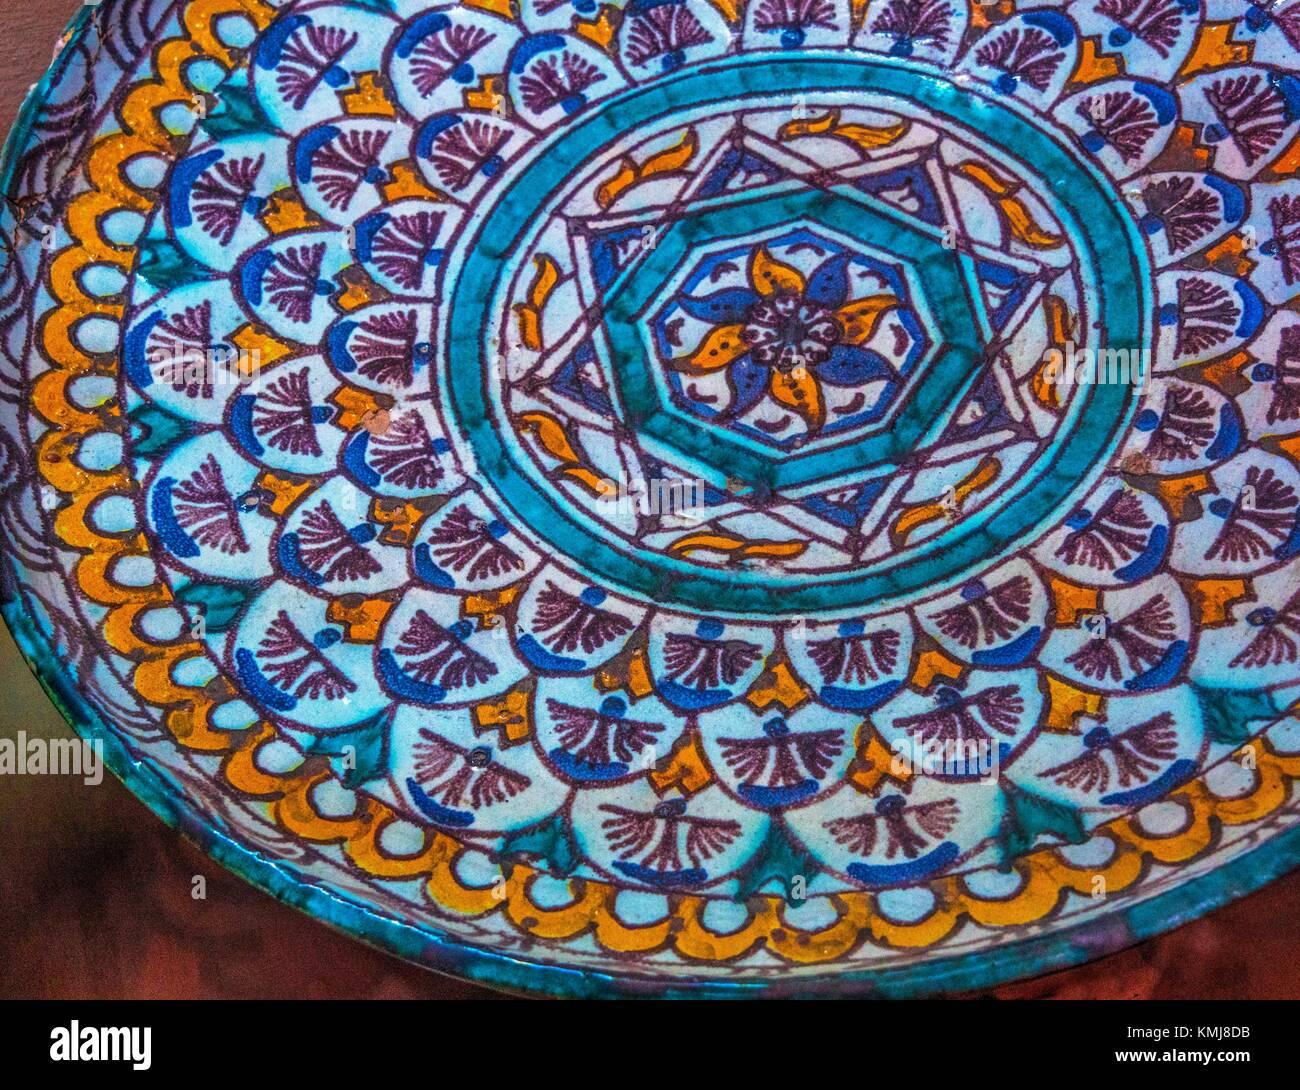 Maroc, Meknès, Musée Dar Jamaï: plaque en céramique 'pour' Ghtar couscous présentation. Photo Stock